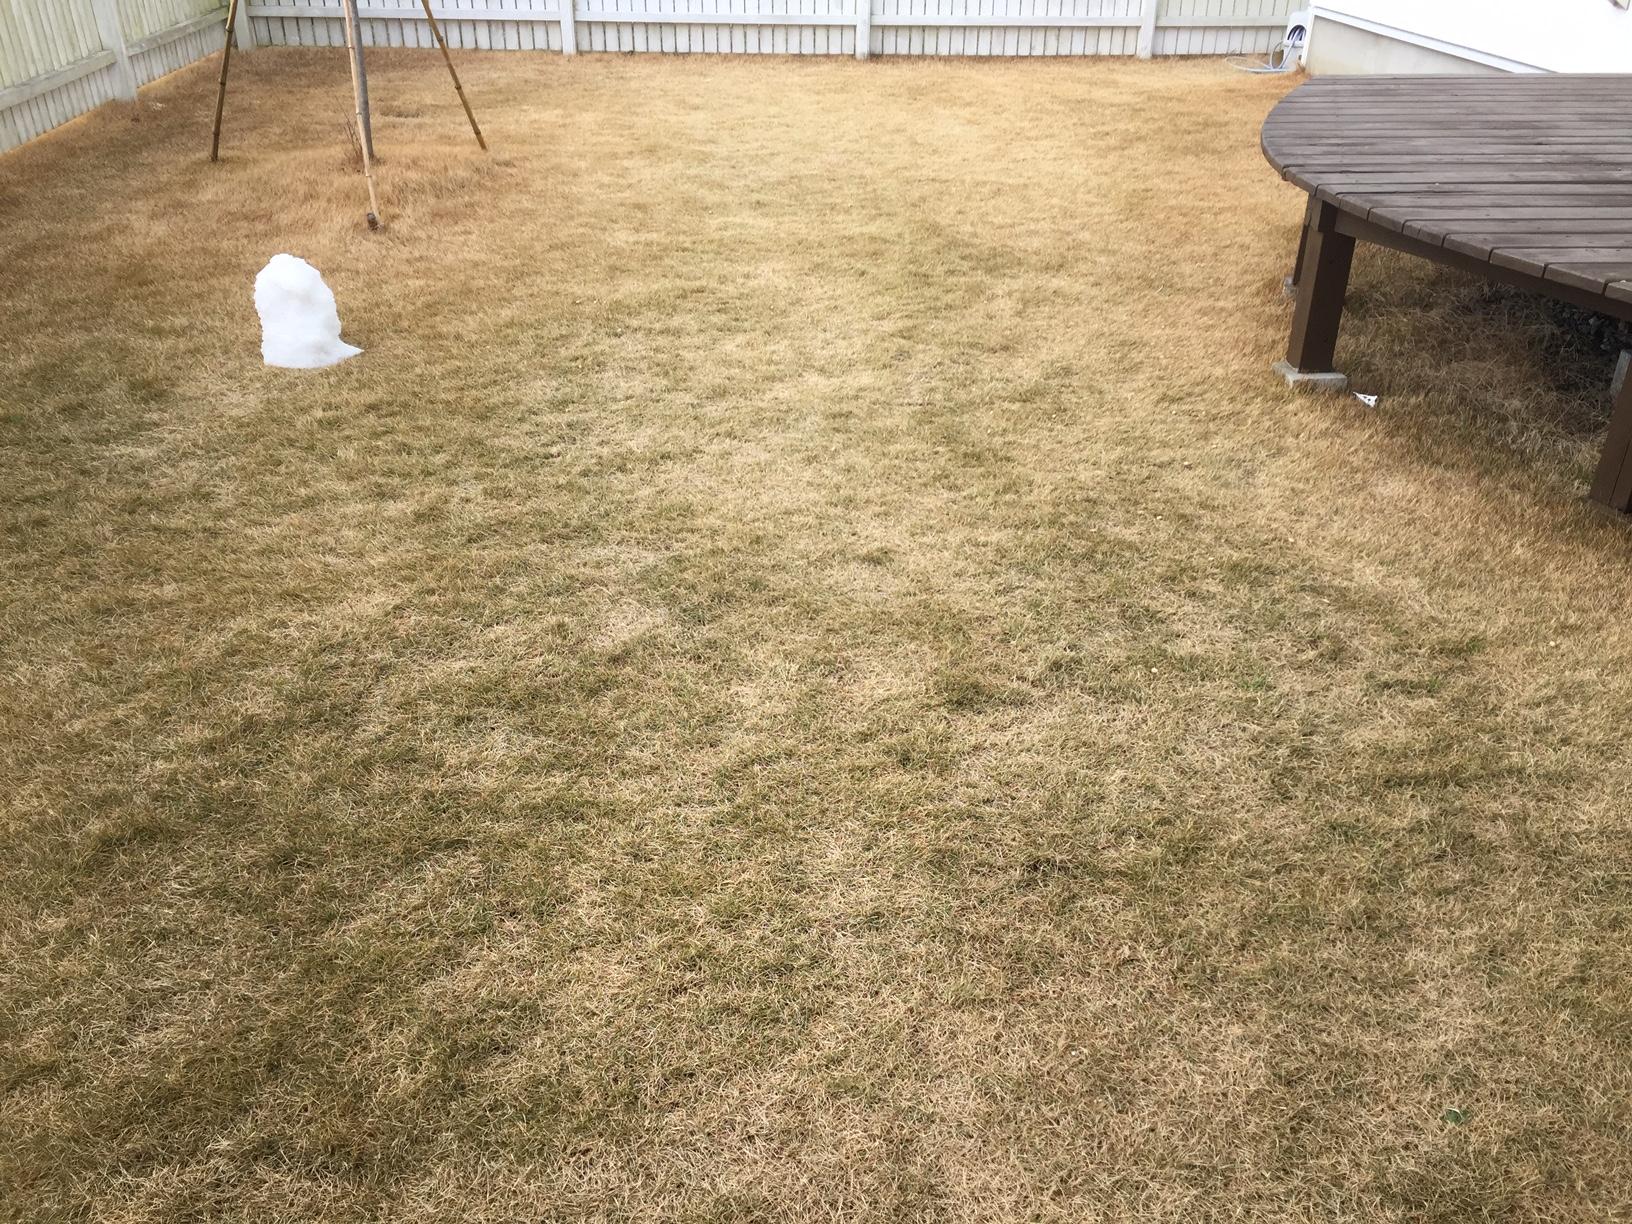 2020.02.10 芝生の状況(雪解け)